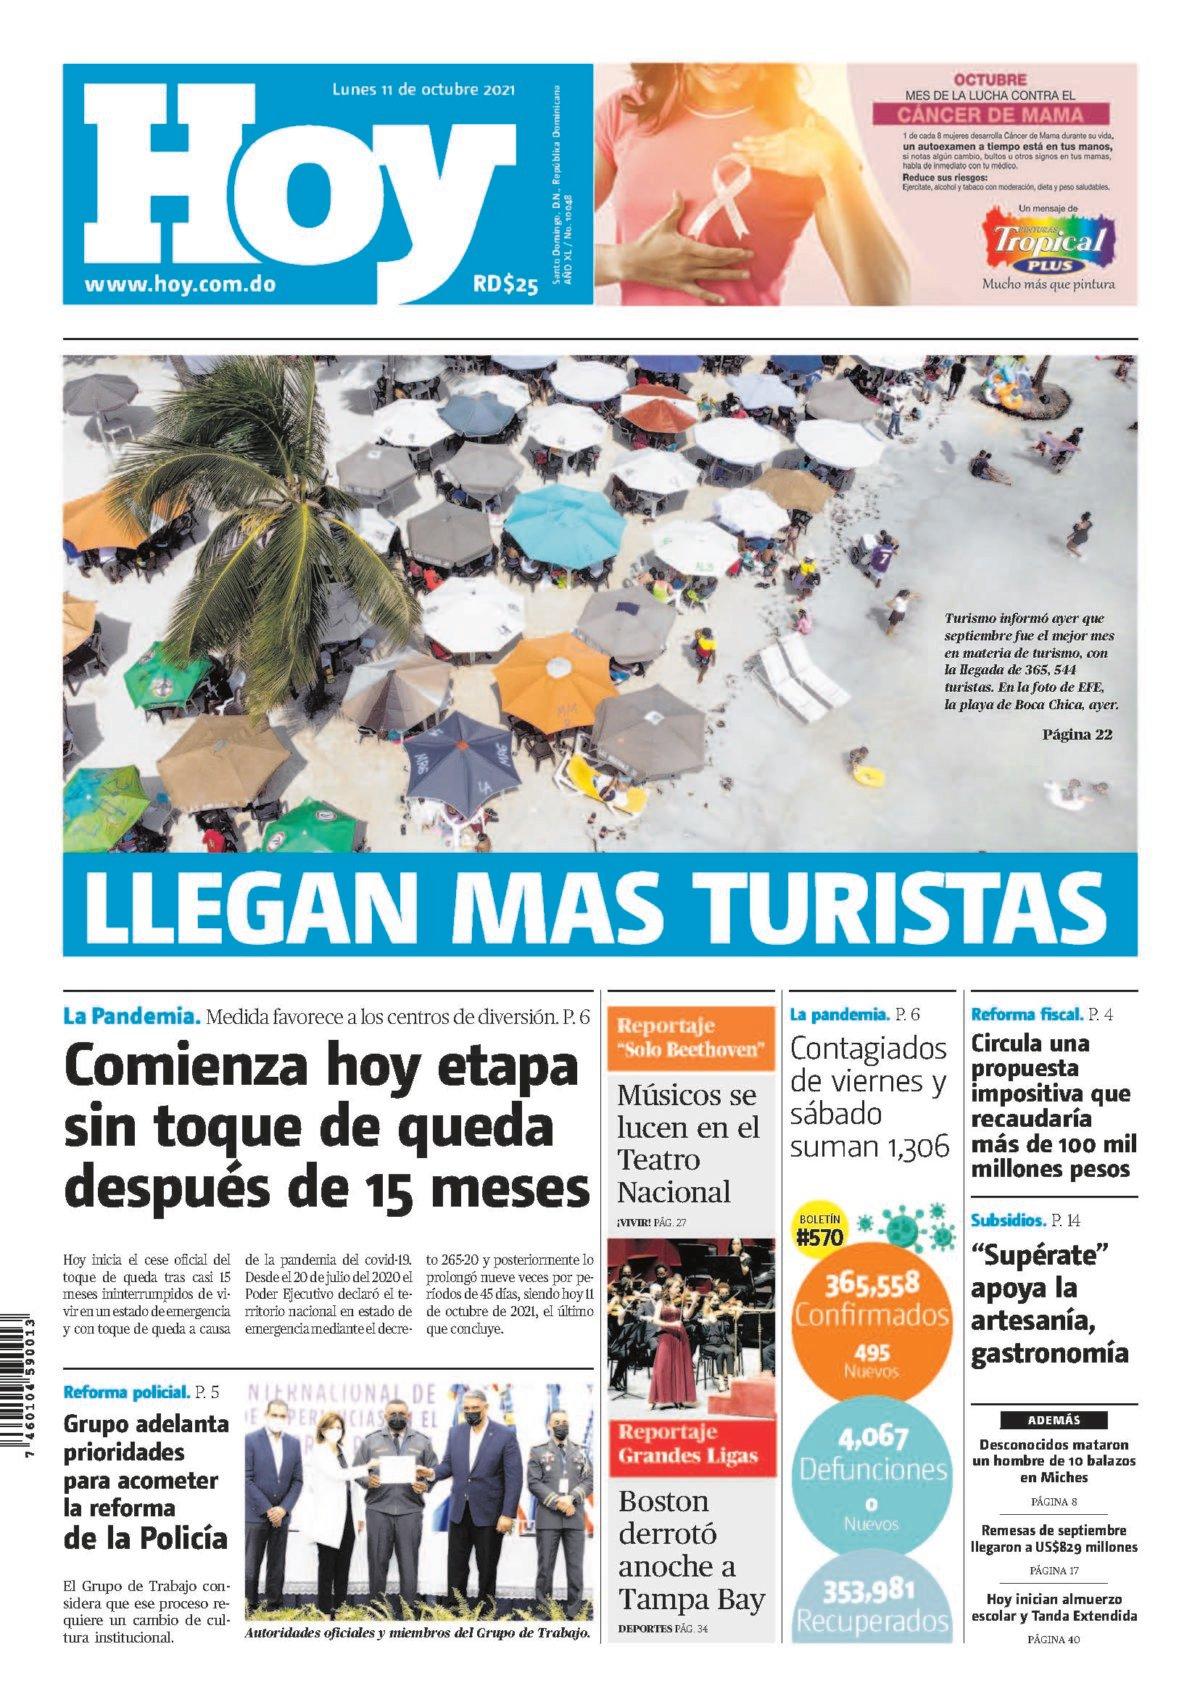 Portada Periódico Hoy, Lunes 11 Octubre, 2021